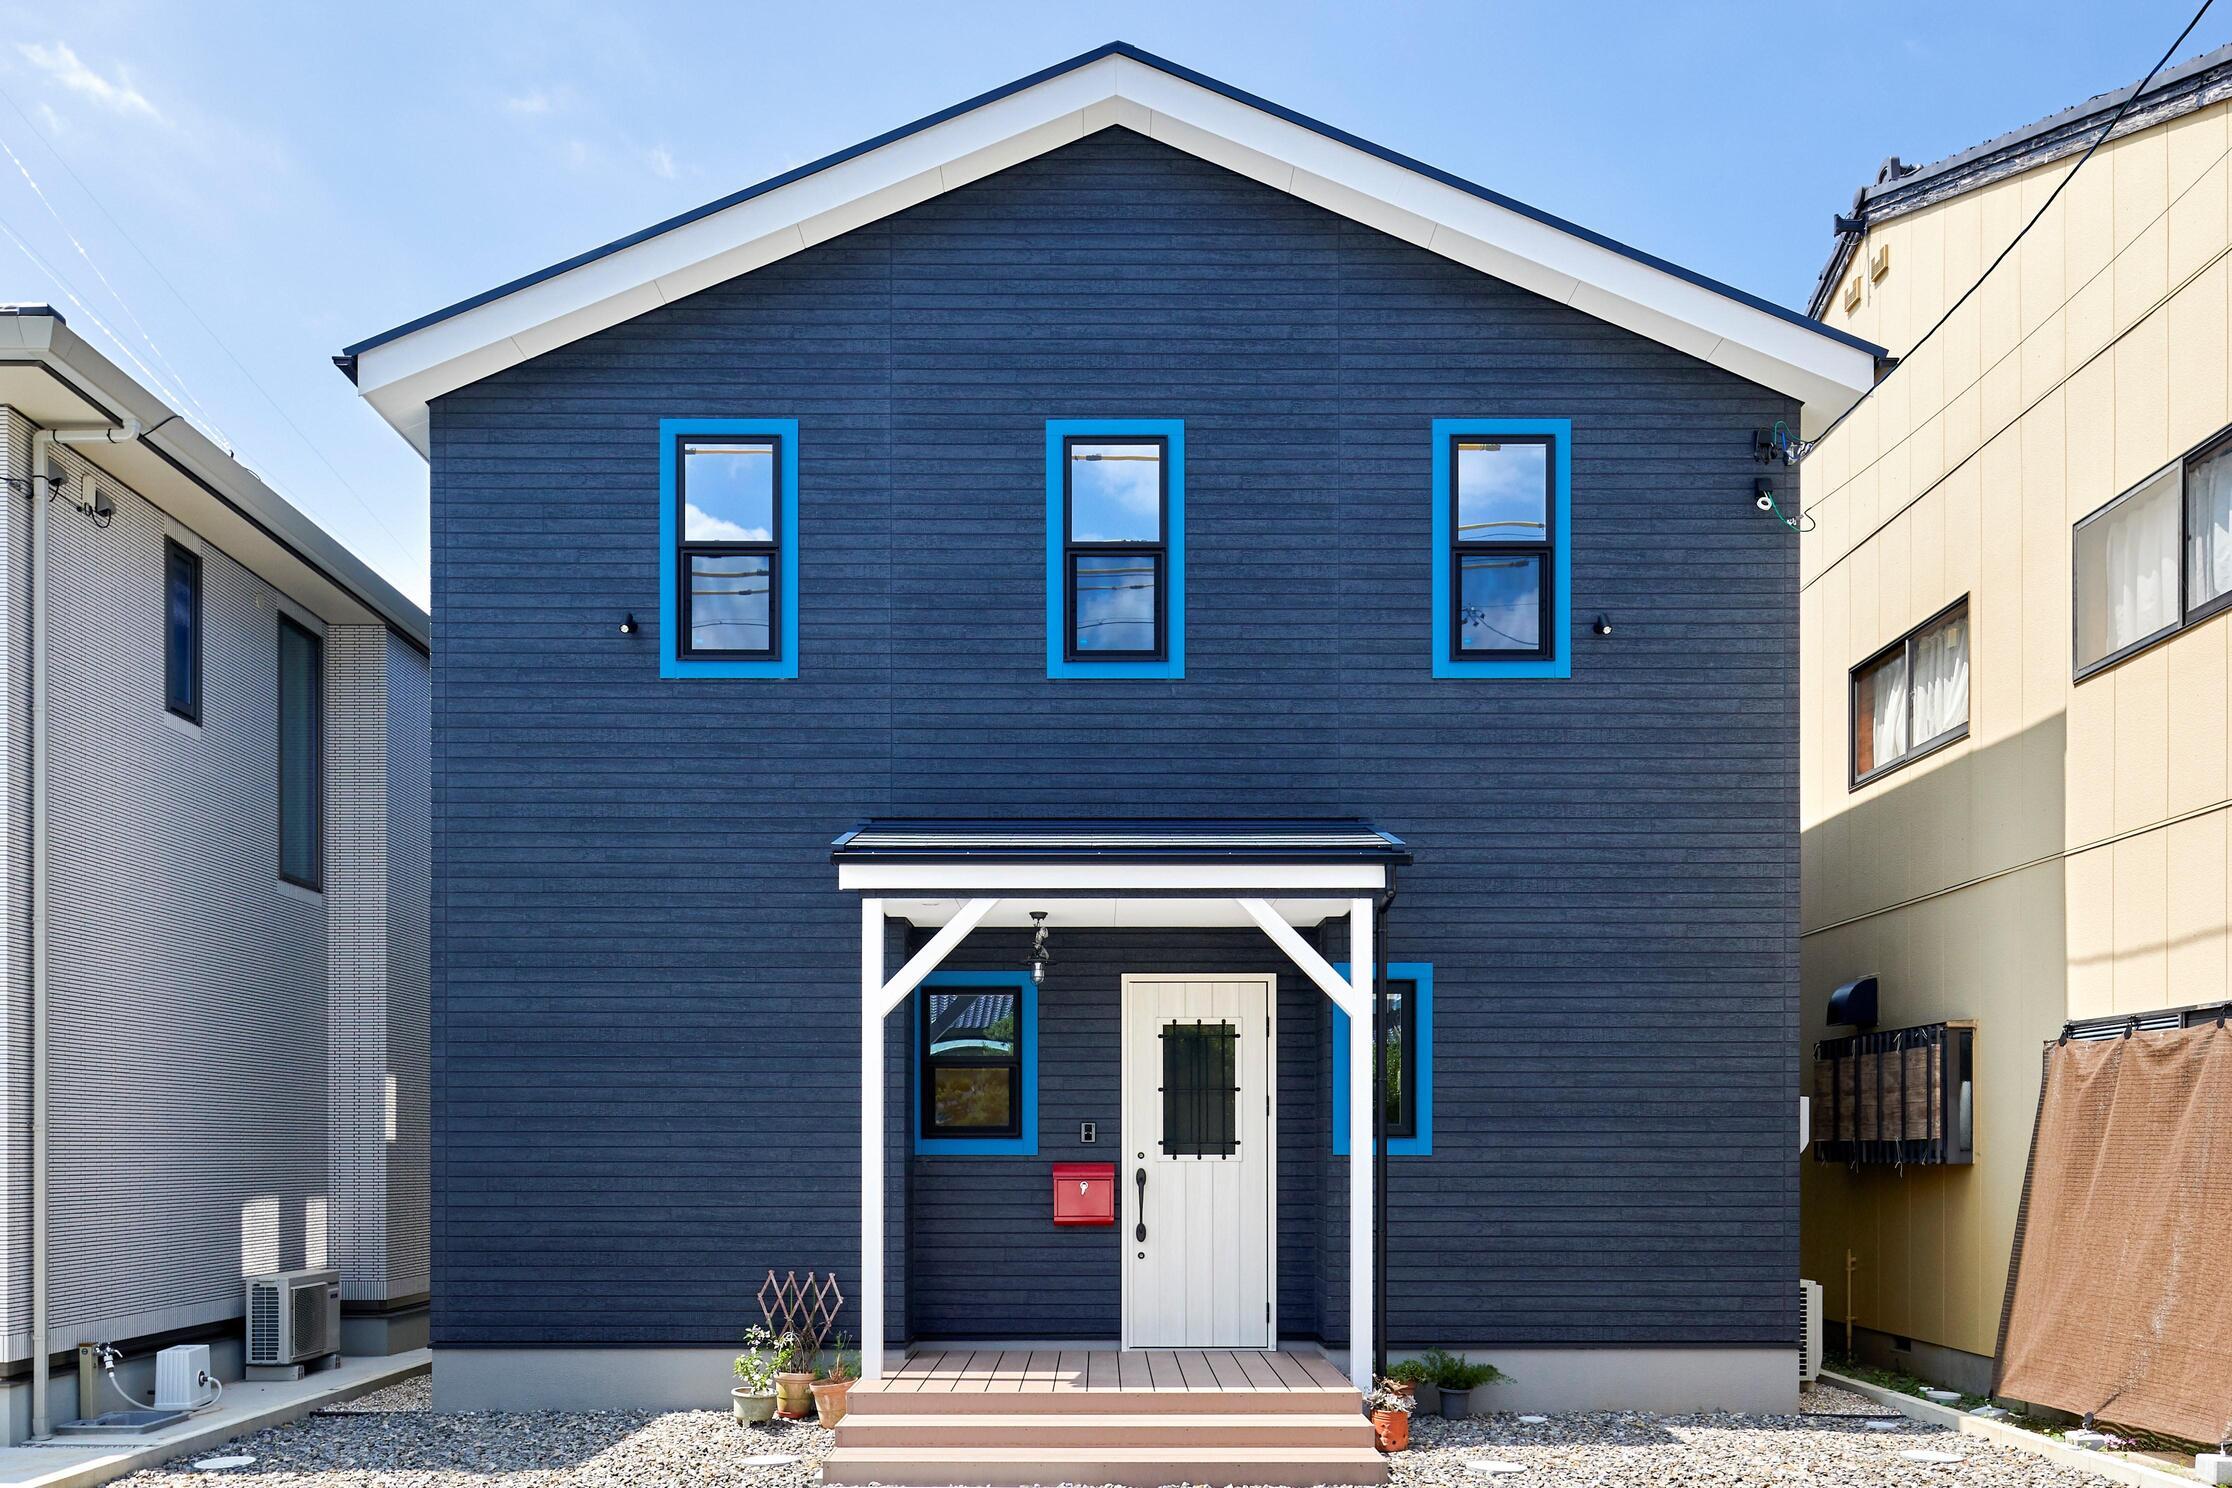 サーフテイストな外観により、西海岸の雰囲気を感じさせるアメリカンヴィンテージハウス